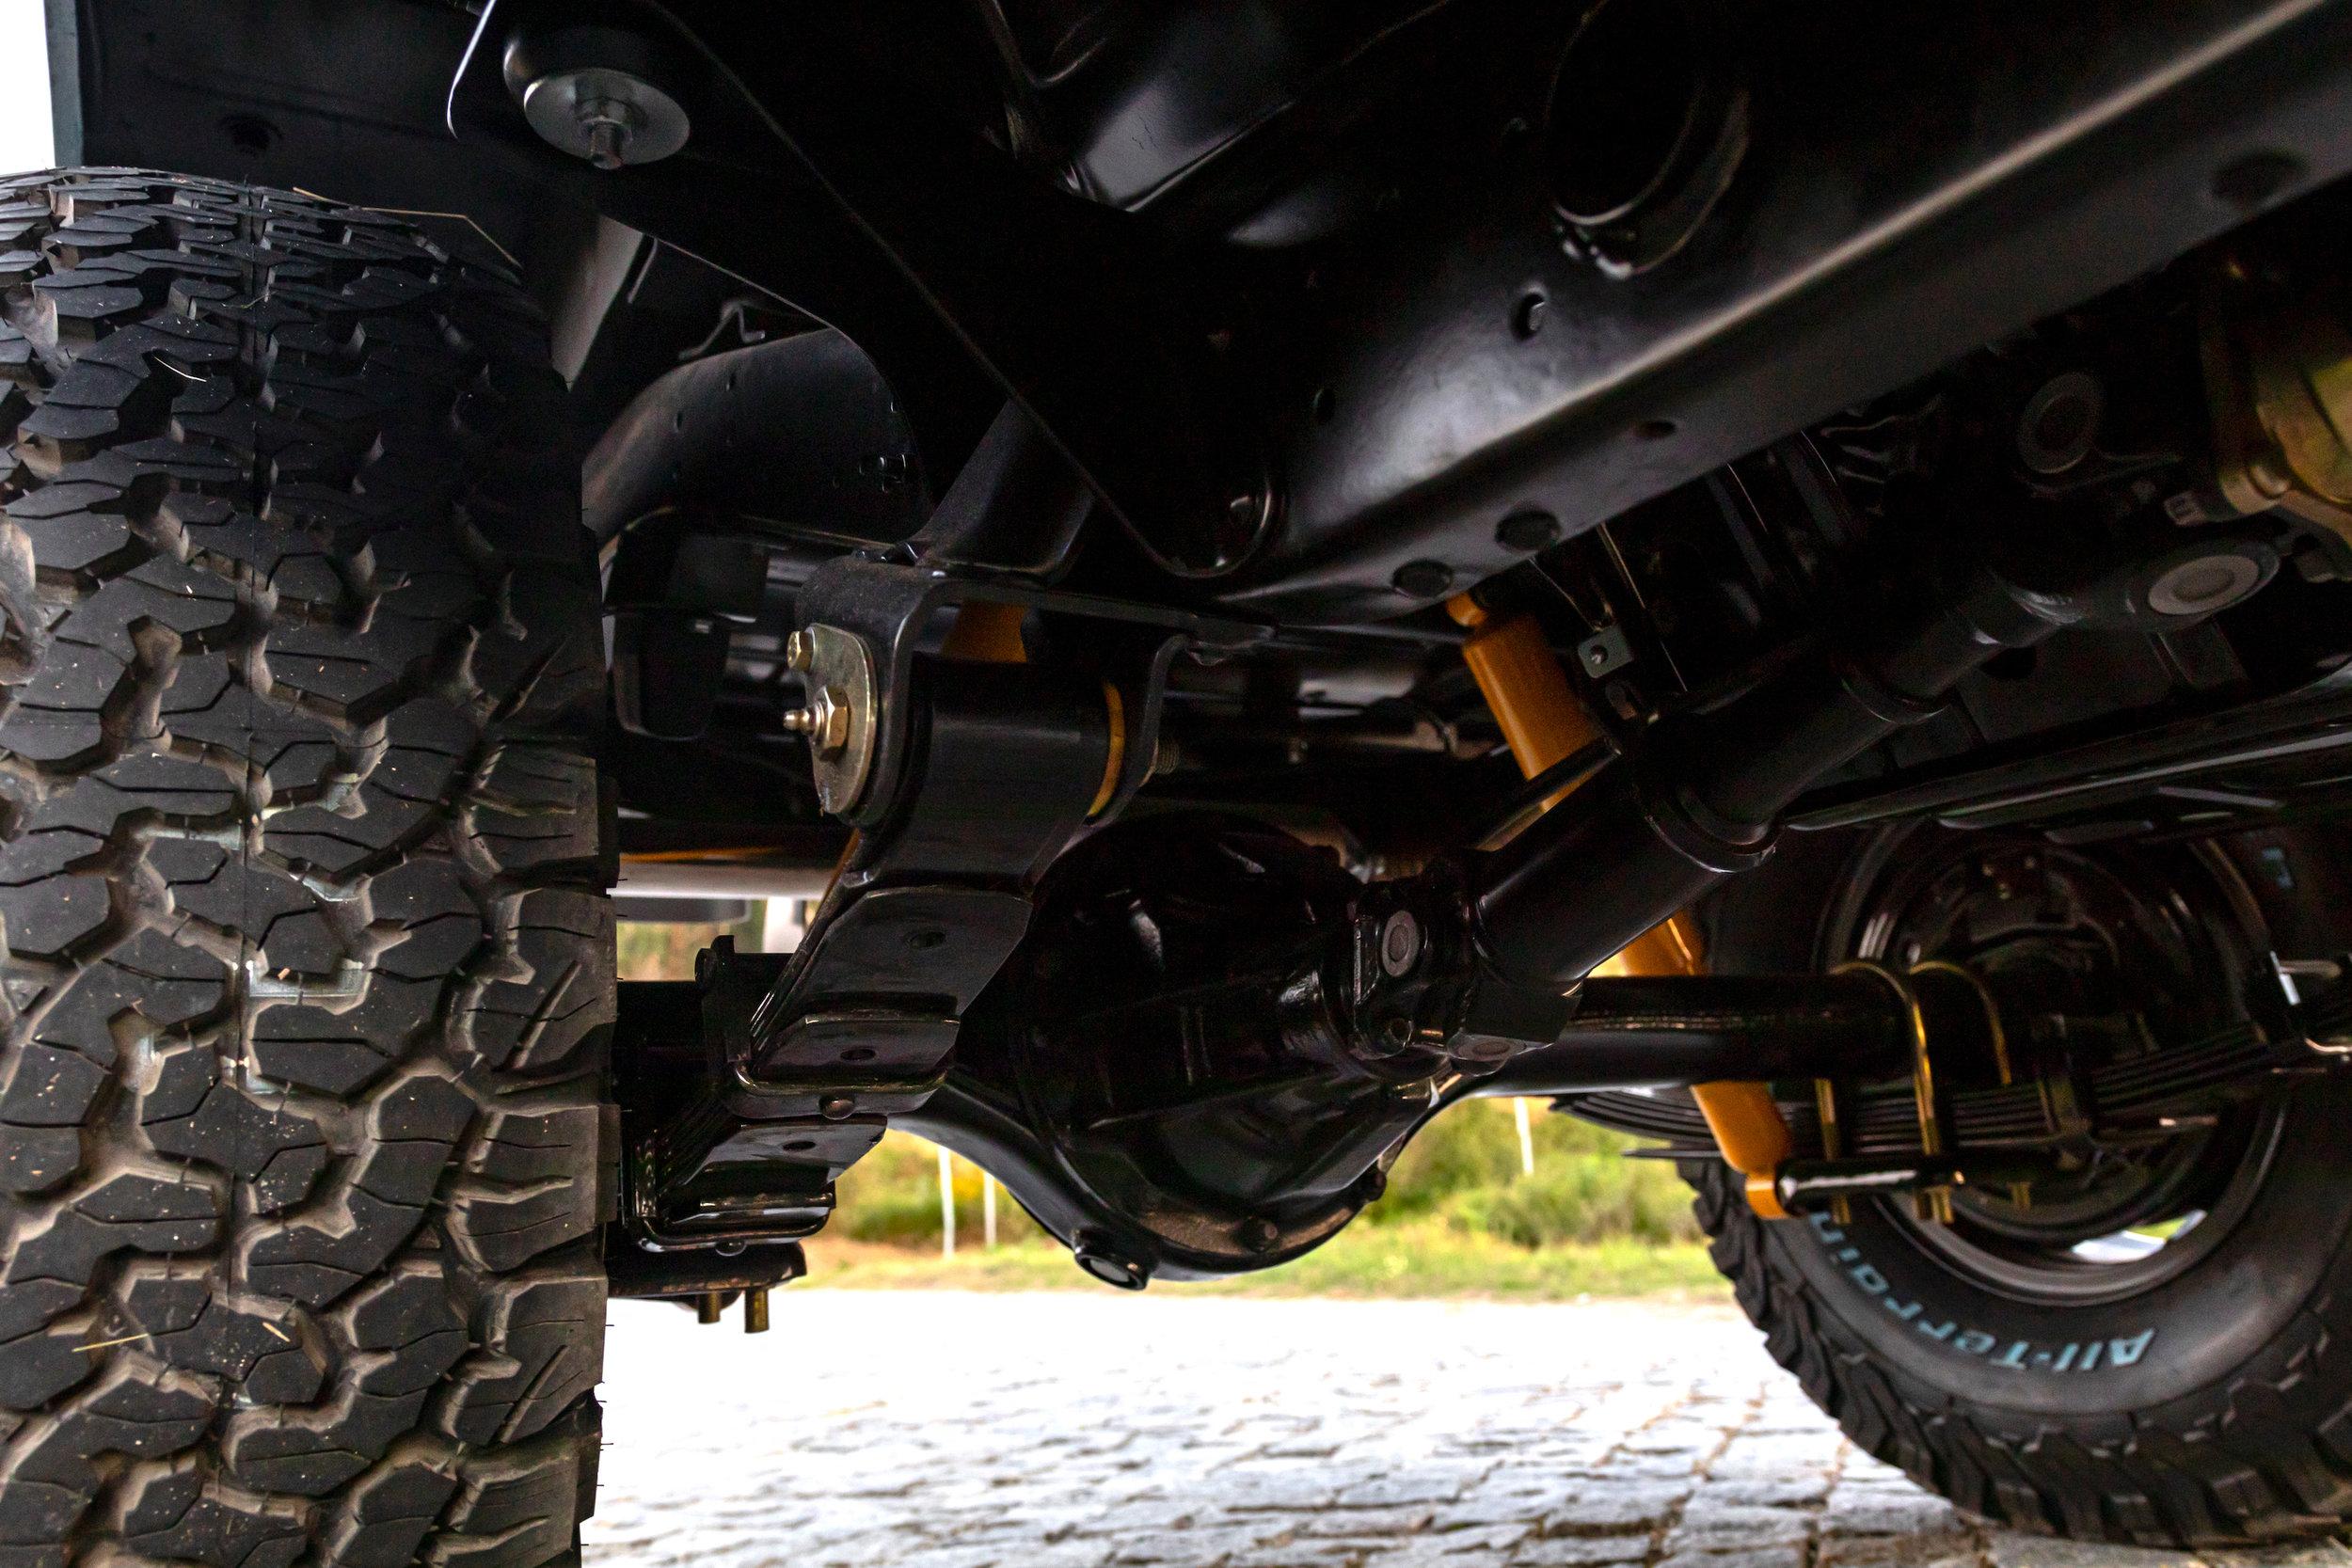 LegacyOverland_Toyota_LandCruiser_FJ40_finished_45.jpg